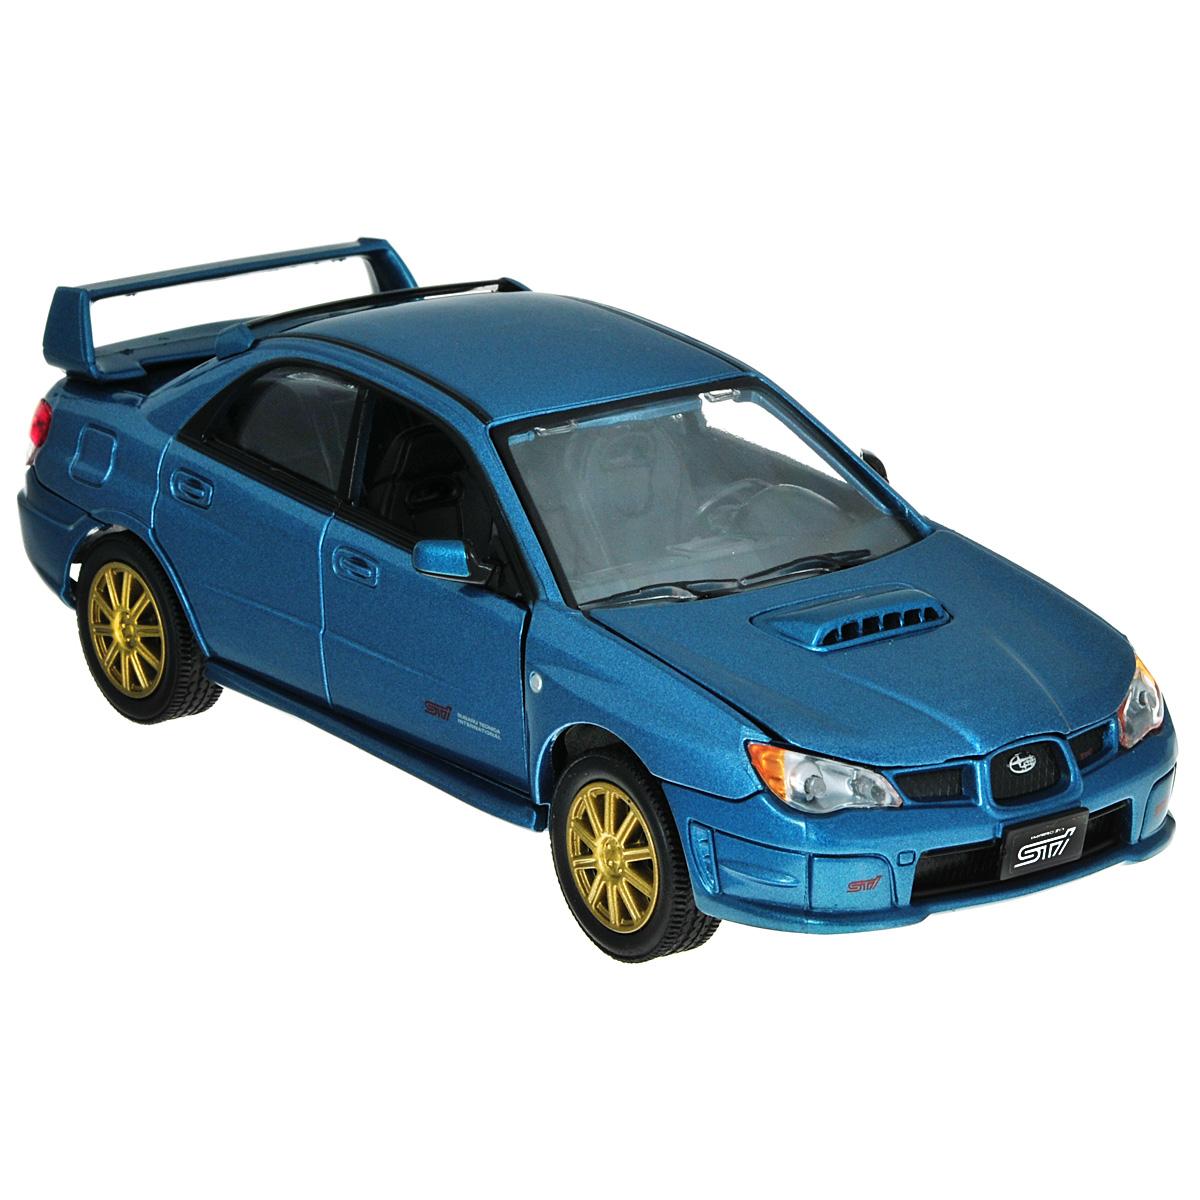 Коллекционная модель MotorMax Subaru Impreza WRX STI, цвет: голубой металлик. Масштаб 1/24 коллекционная модель motormax laмborghini gallardo superleggera цвет черный металлик масштаб 1 24